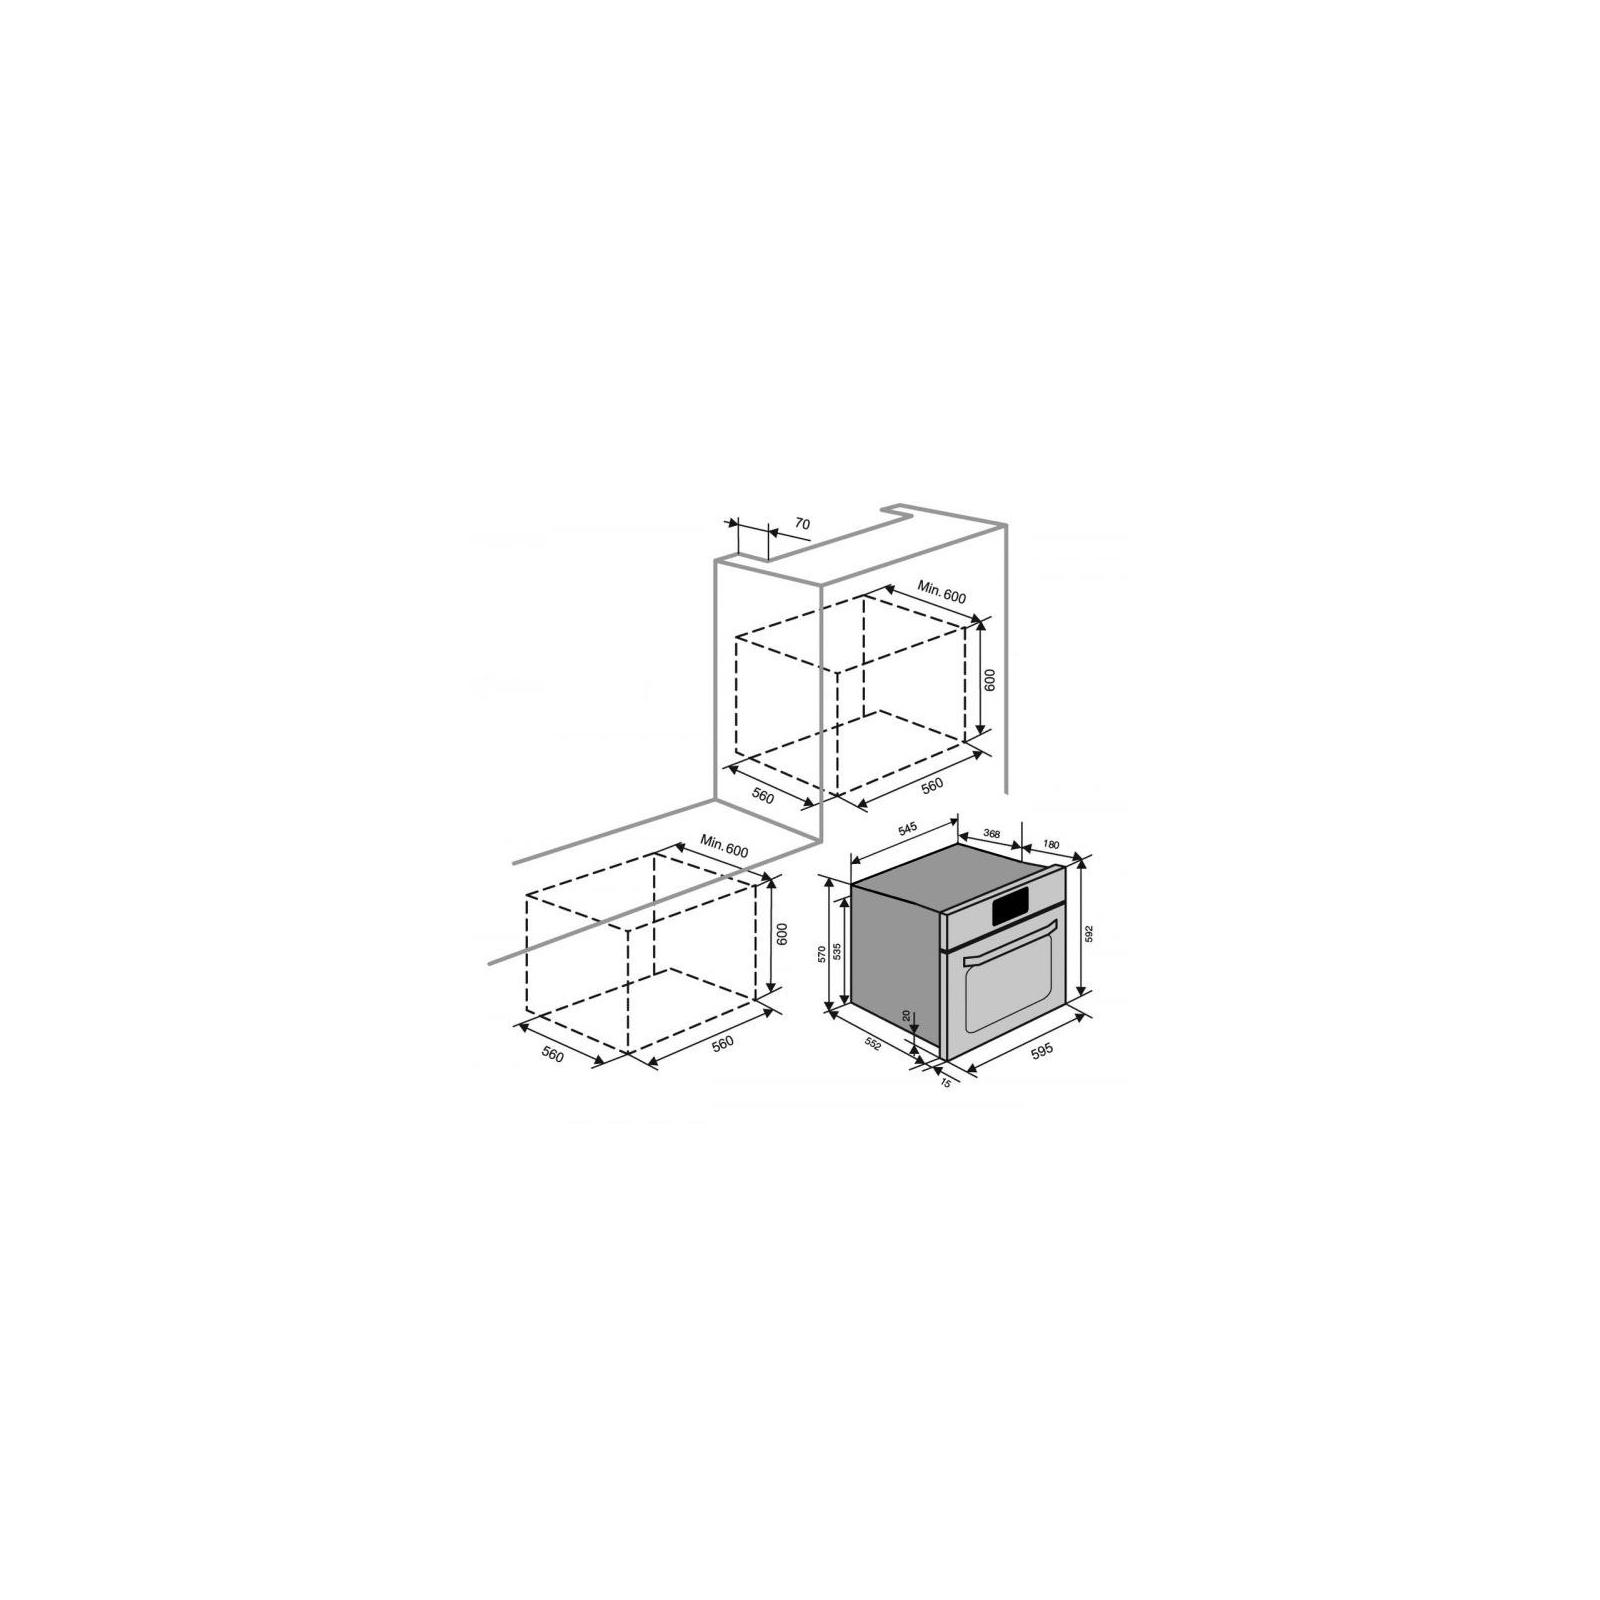 Духовой шкаф VENTOLUX MWEO 39 G BK изображение 6